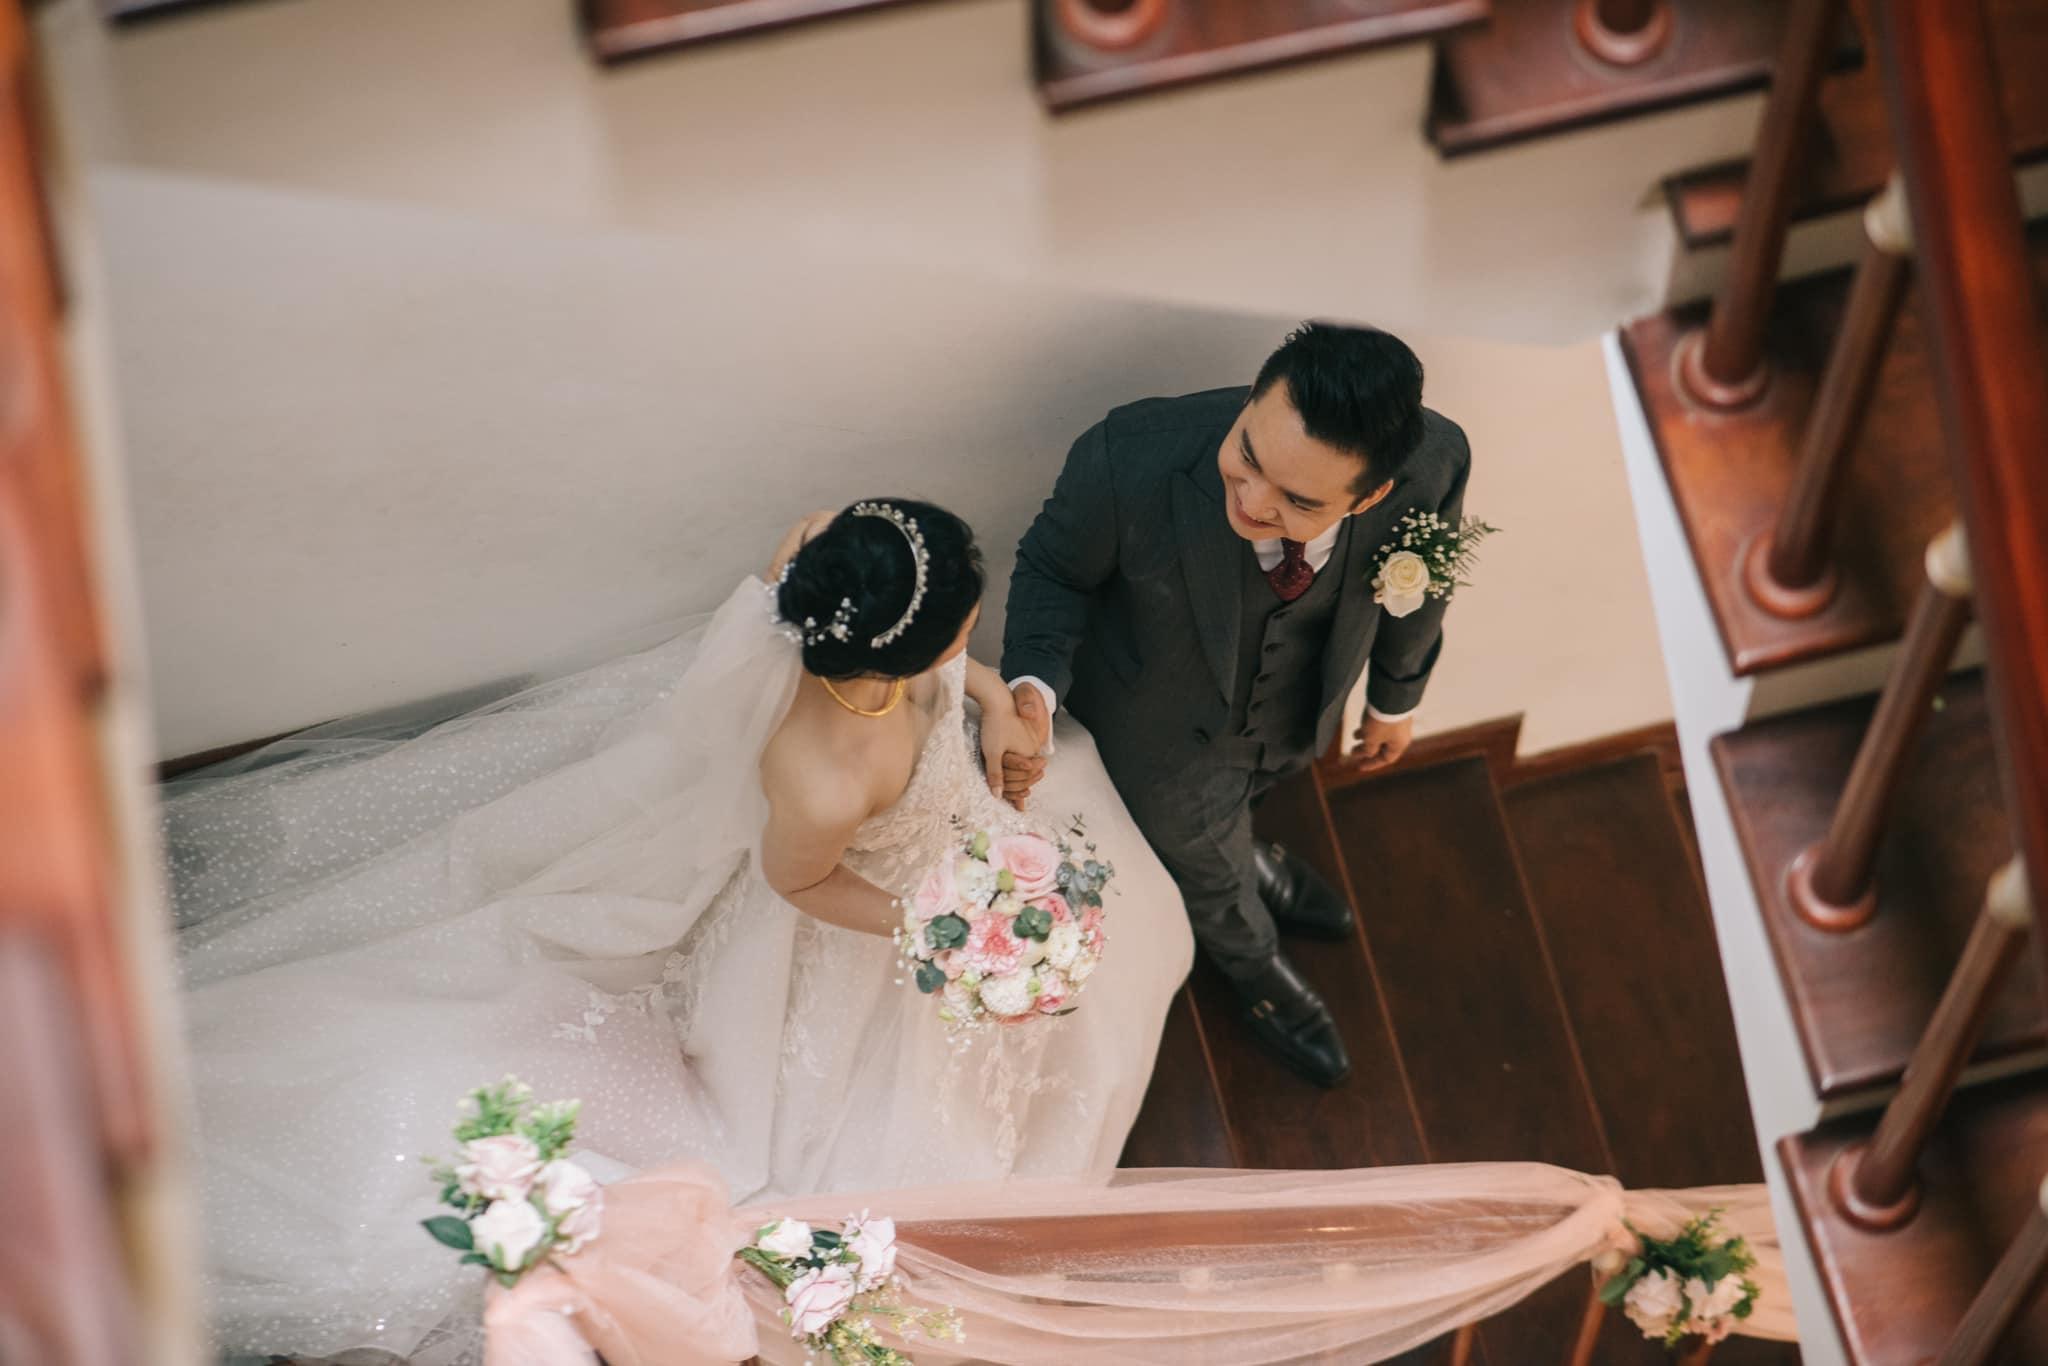 MC Hạnh Phúc chia sẻ sắp có con, tiết lộ lý do chưa thể tổ chức tiệc cưới Ảnh 5